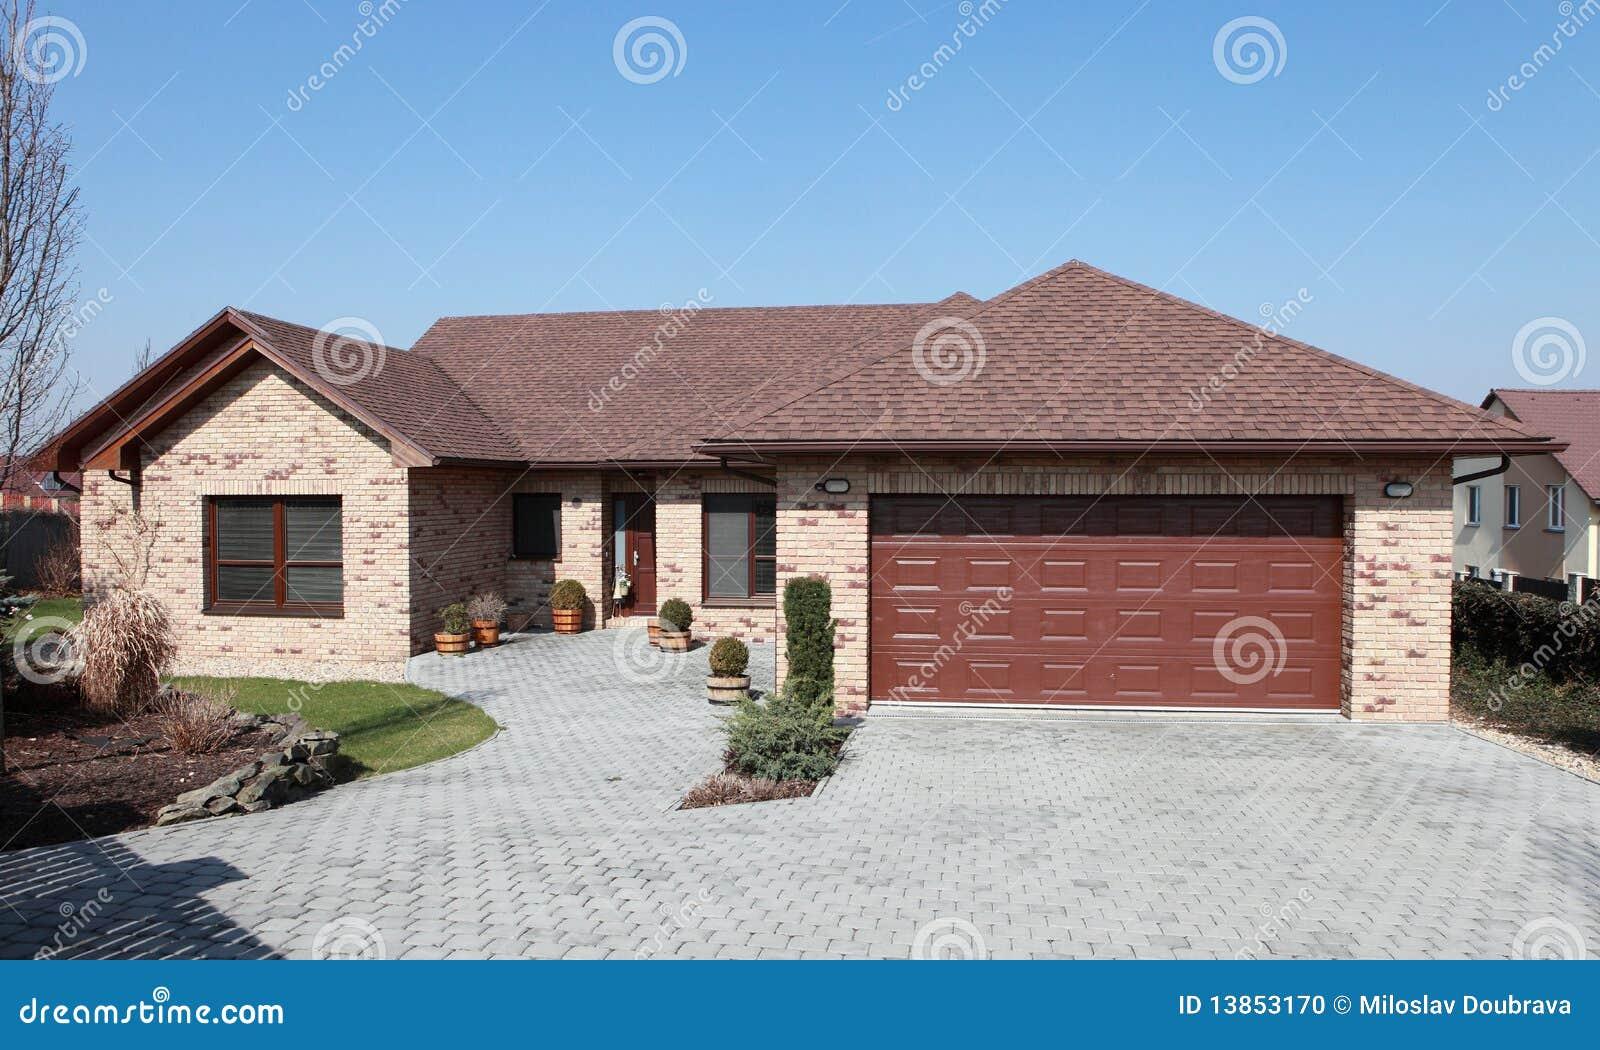 maison neuve de brique photo stock image du structure 13853170. Black Bedroom Furniture Sets. Home Design Ideas